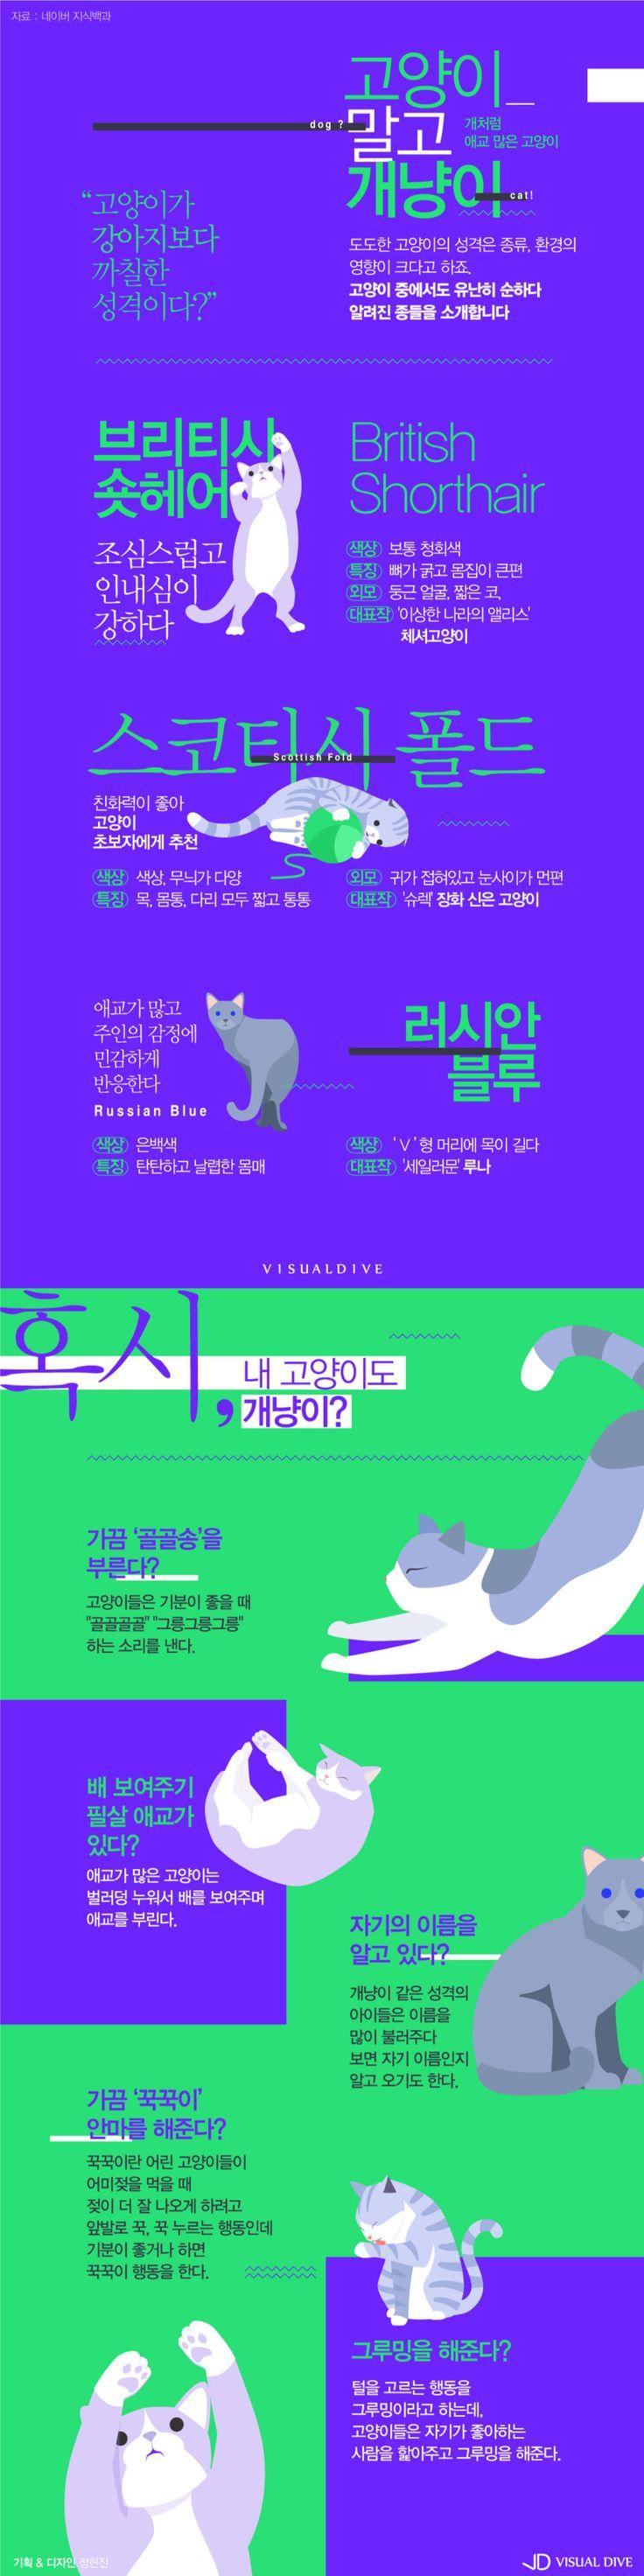 도도한 고양이? 출구 없는 개냥이의 세계 [인포그래픽] #cat / #Infographic ⓒ 비주얼다이브 무단 복사·전재·재배포 금지